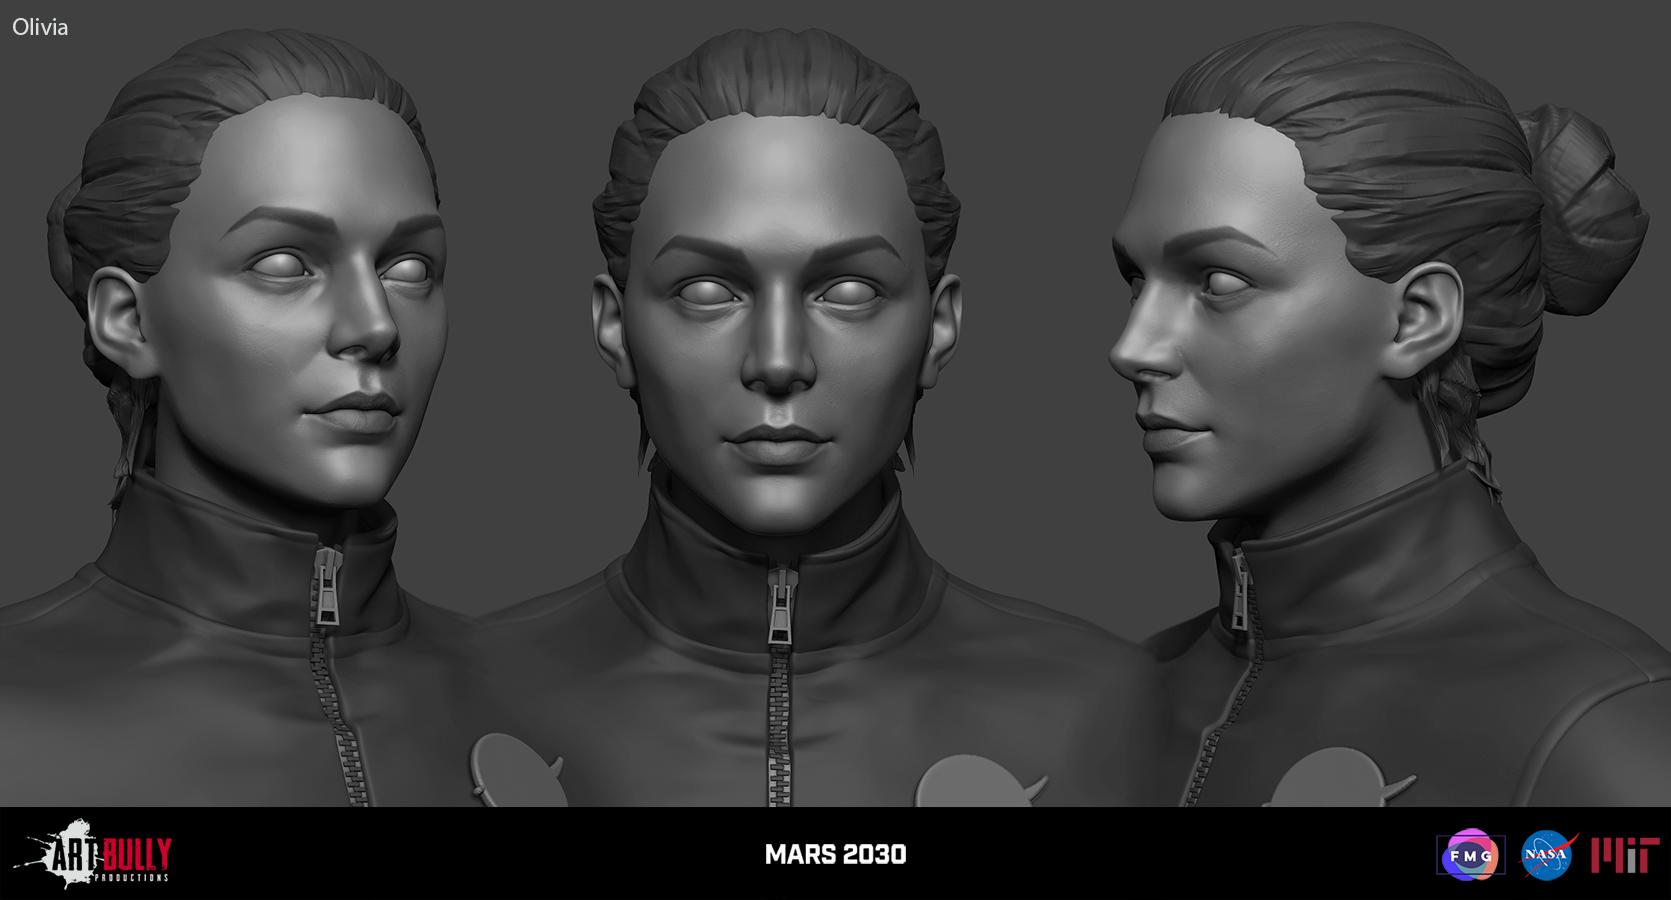 Olivia_Mars_2030_CU_Sculpt.png